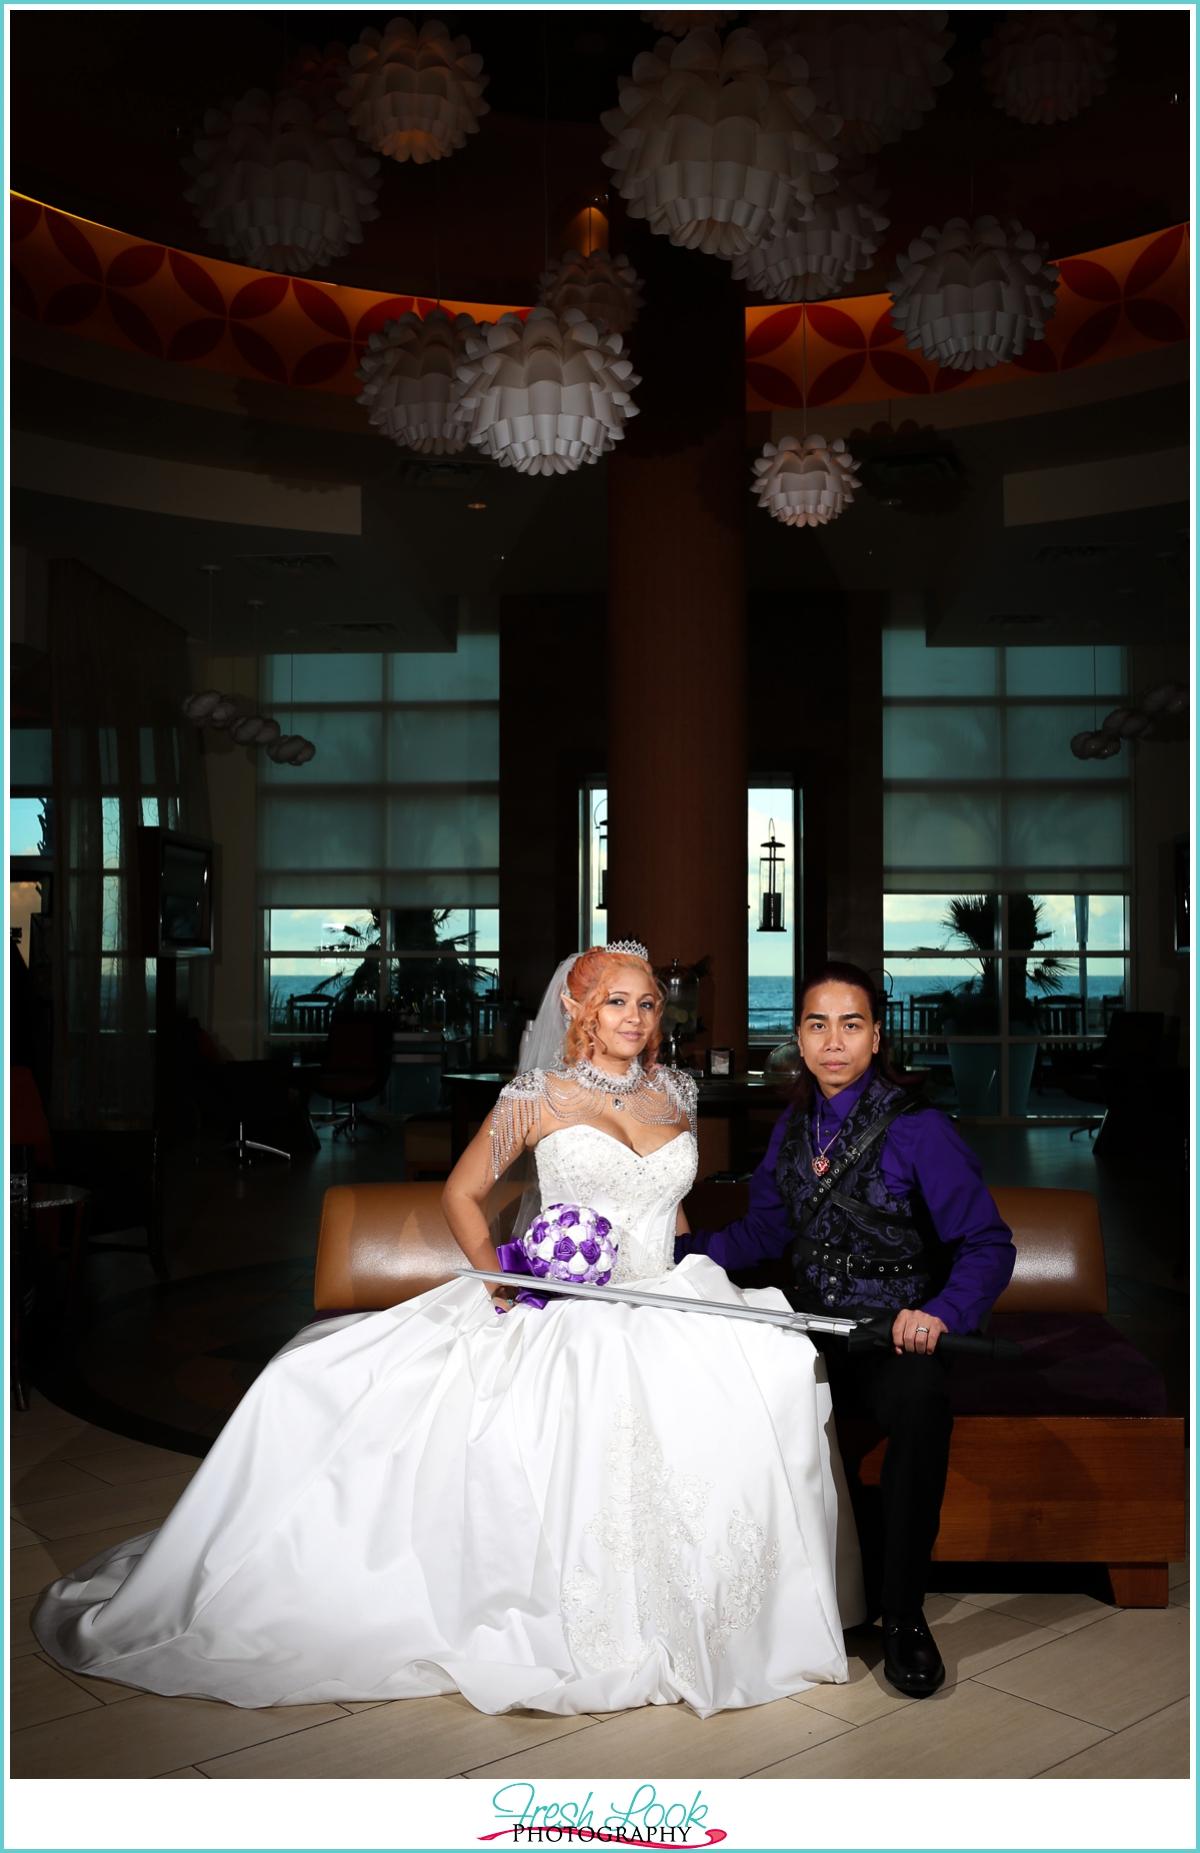 Link and Zelda Cosplay wedding photographer